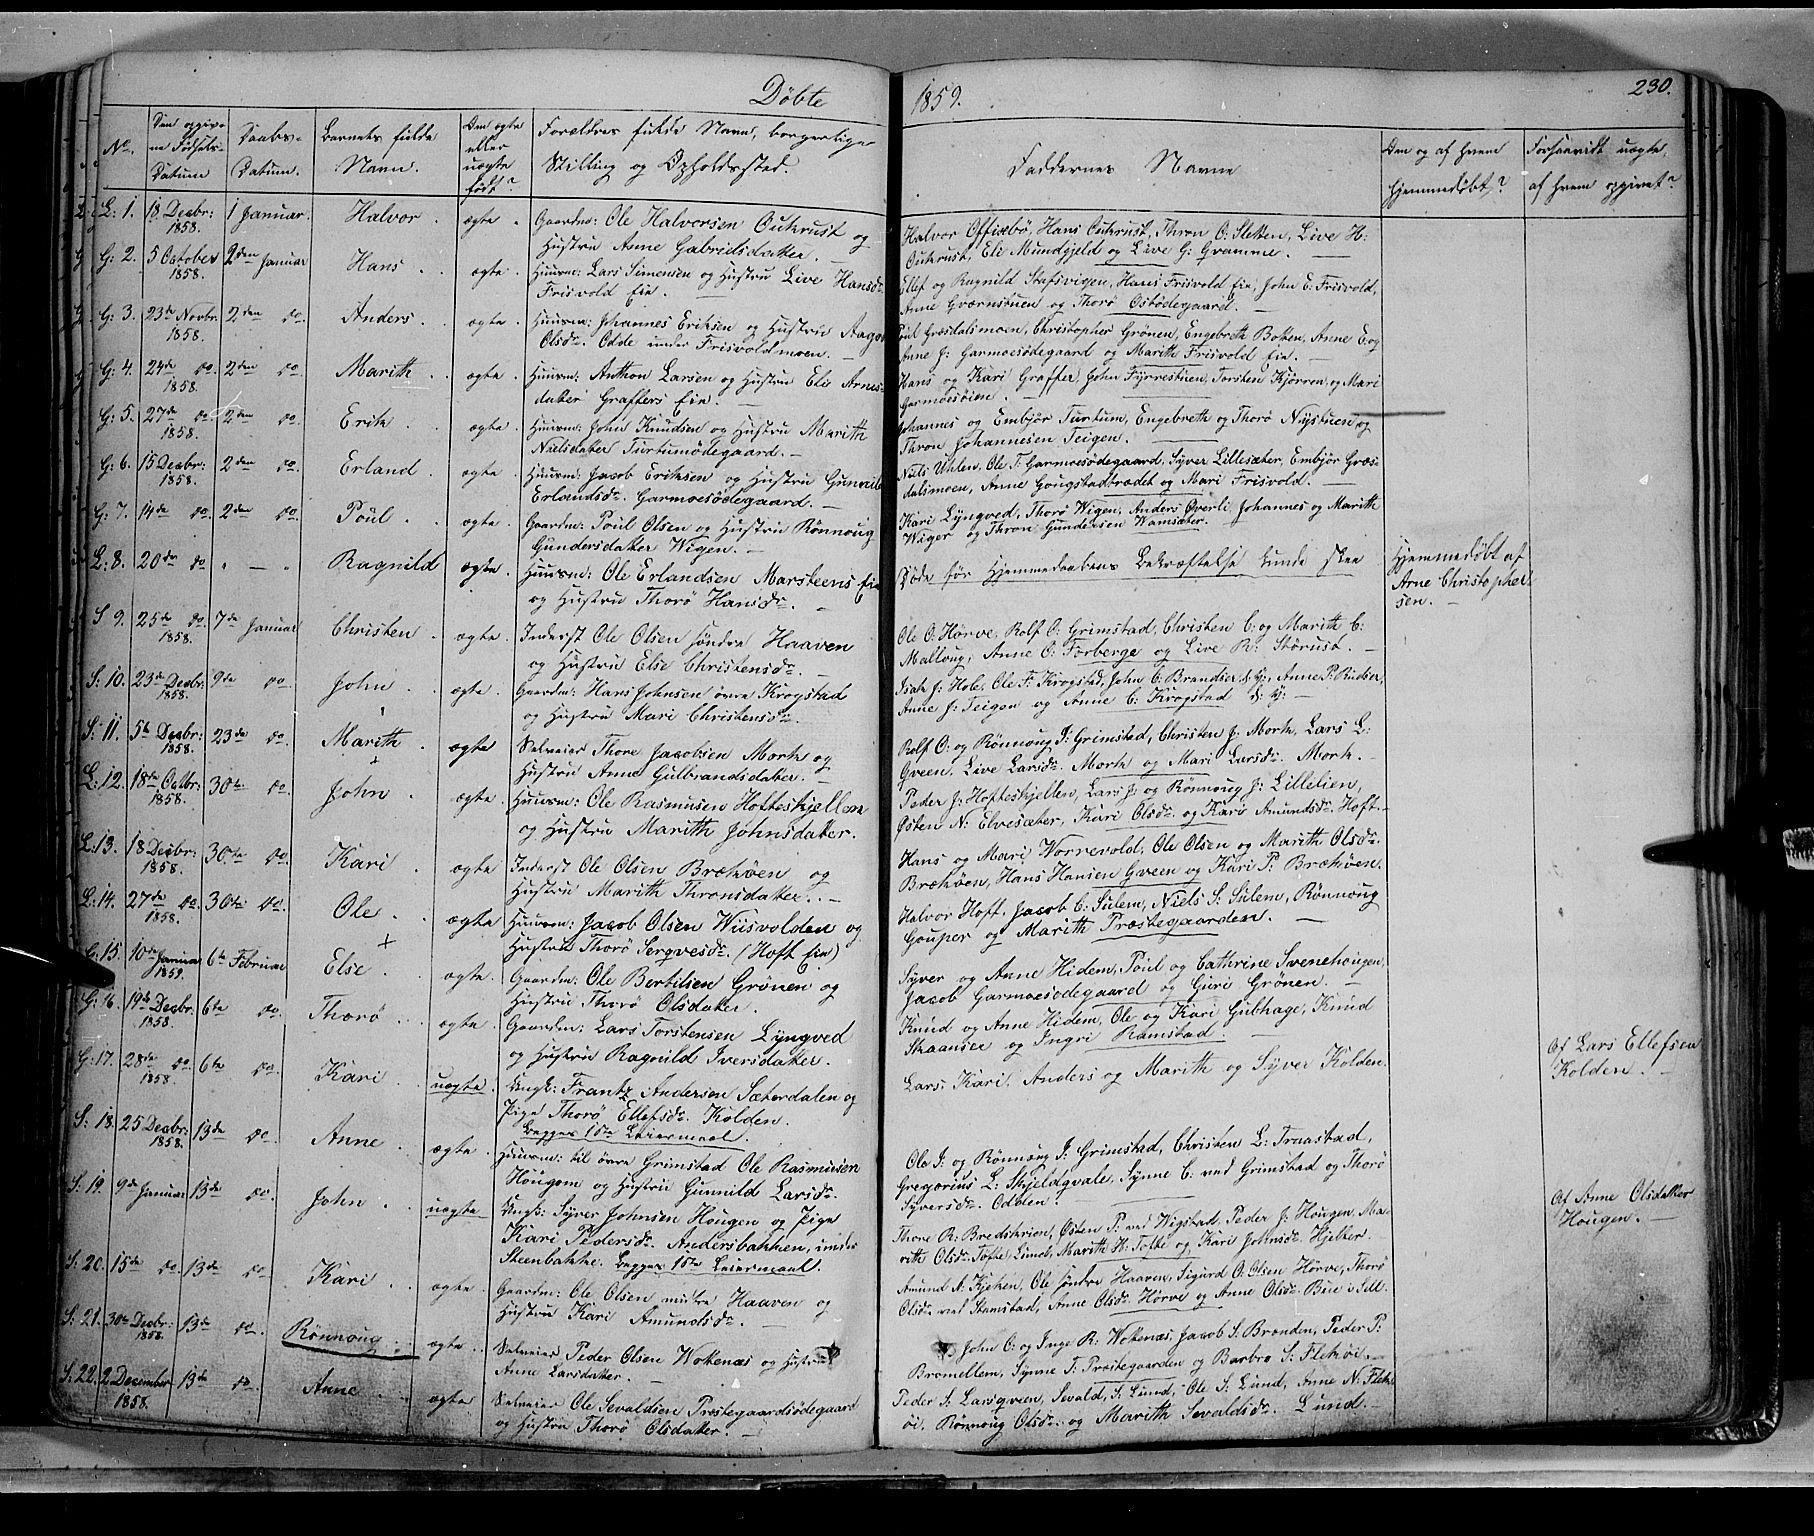 SAH, Lom prestekontor, K/L0006: Ministerialbok nr. 6A, 1837-1863, s. 230